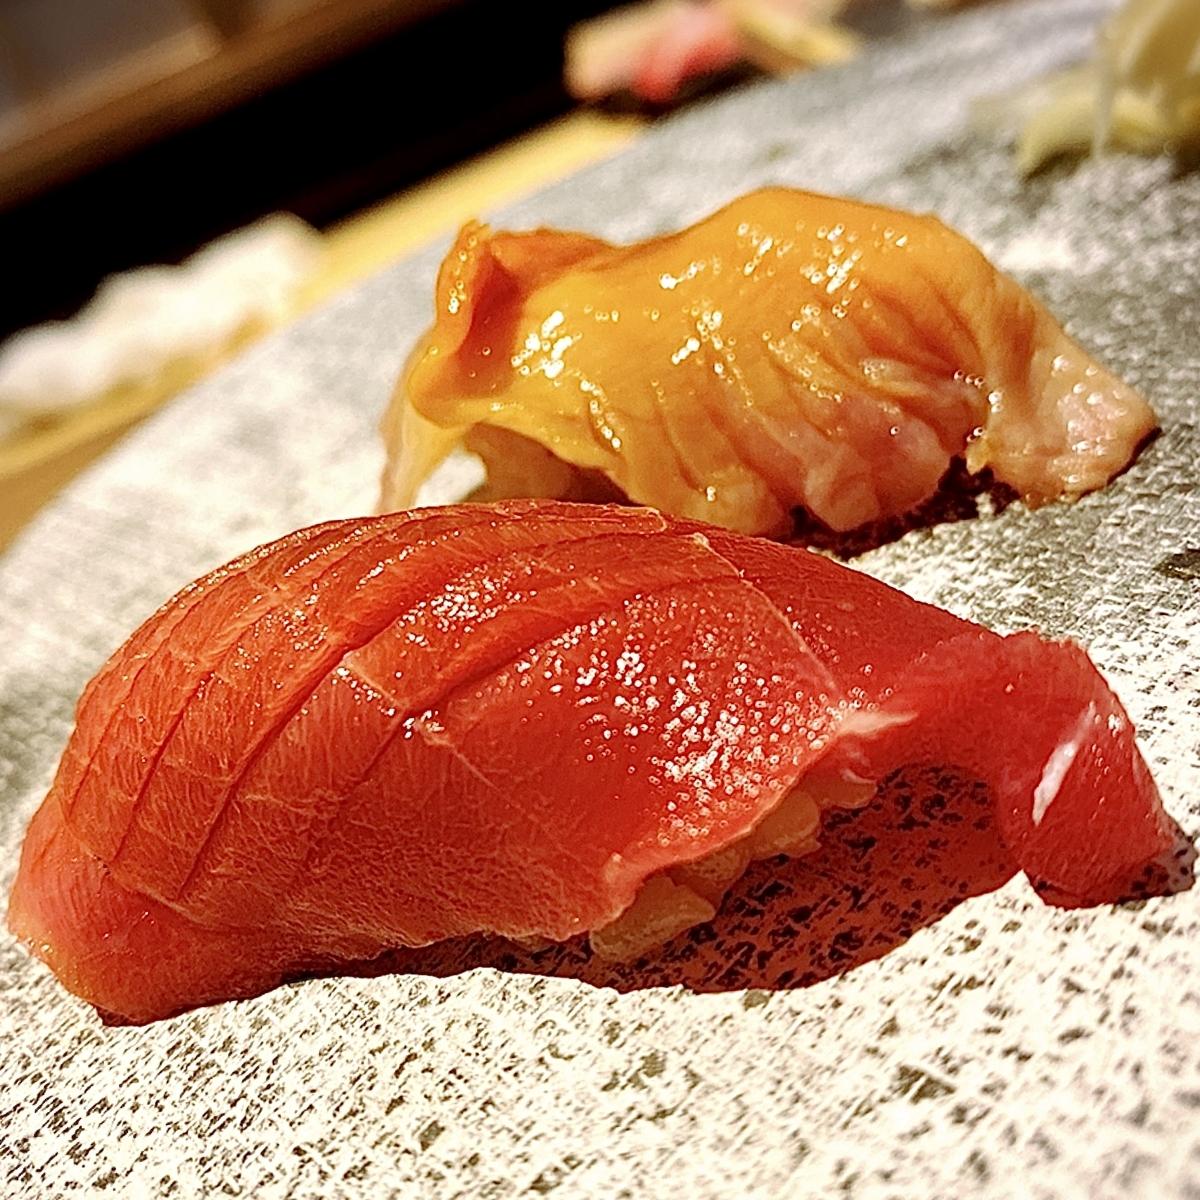 【浜松町】プロジェクションマッピングと共にお寿司が堪能できるお店【大門】